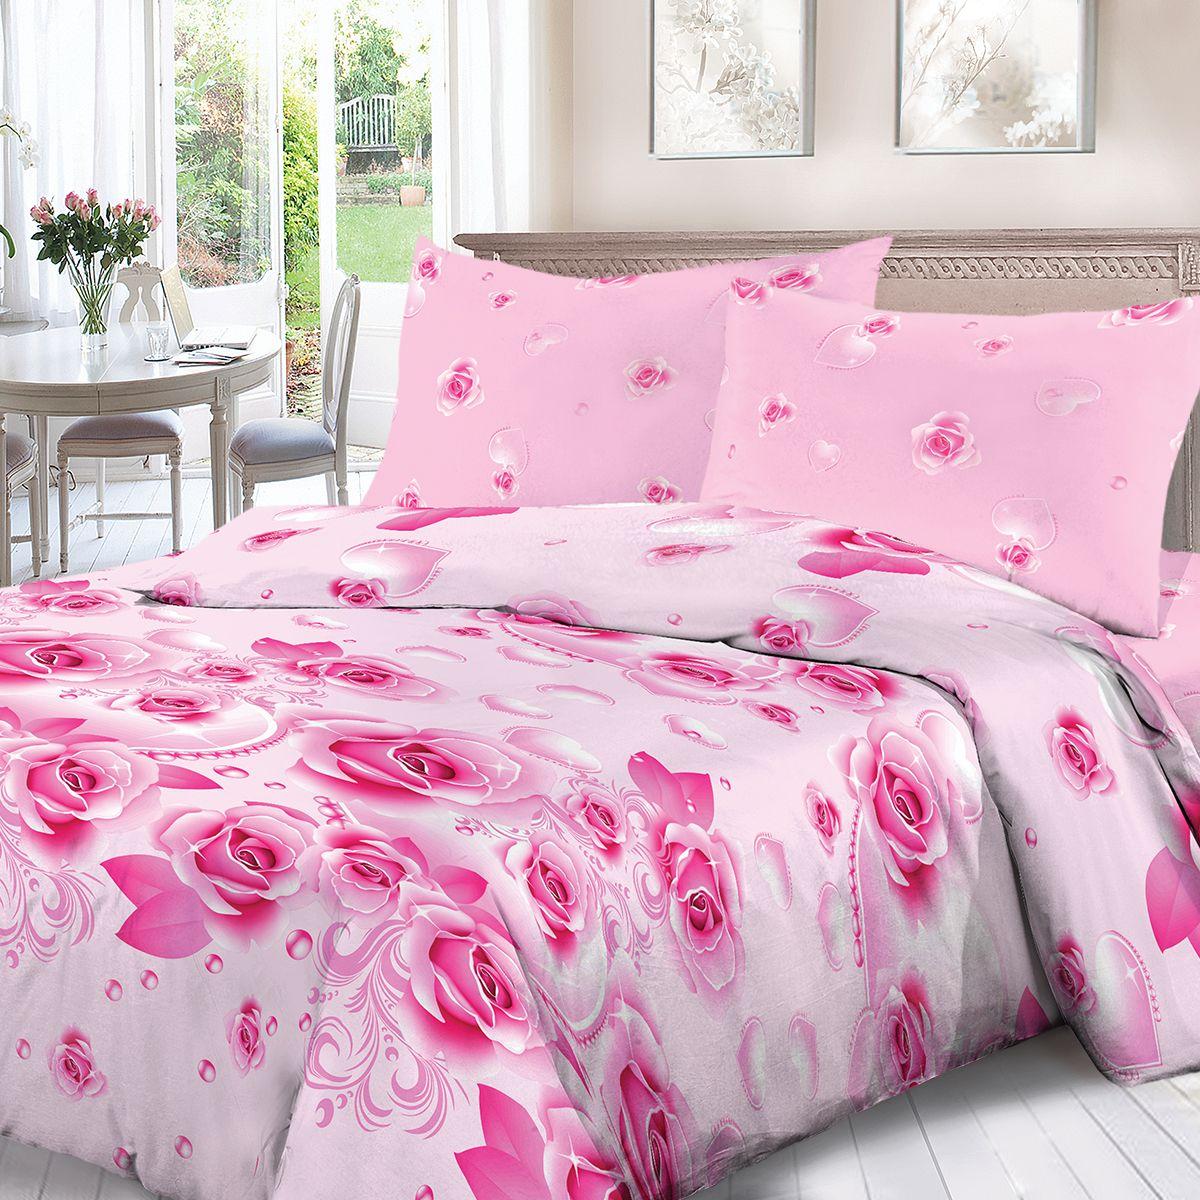 Комплект белья Для Снов Розовый жемчуг, семейный, наволочки 70x70, цвет: розовый. 1553-186470